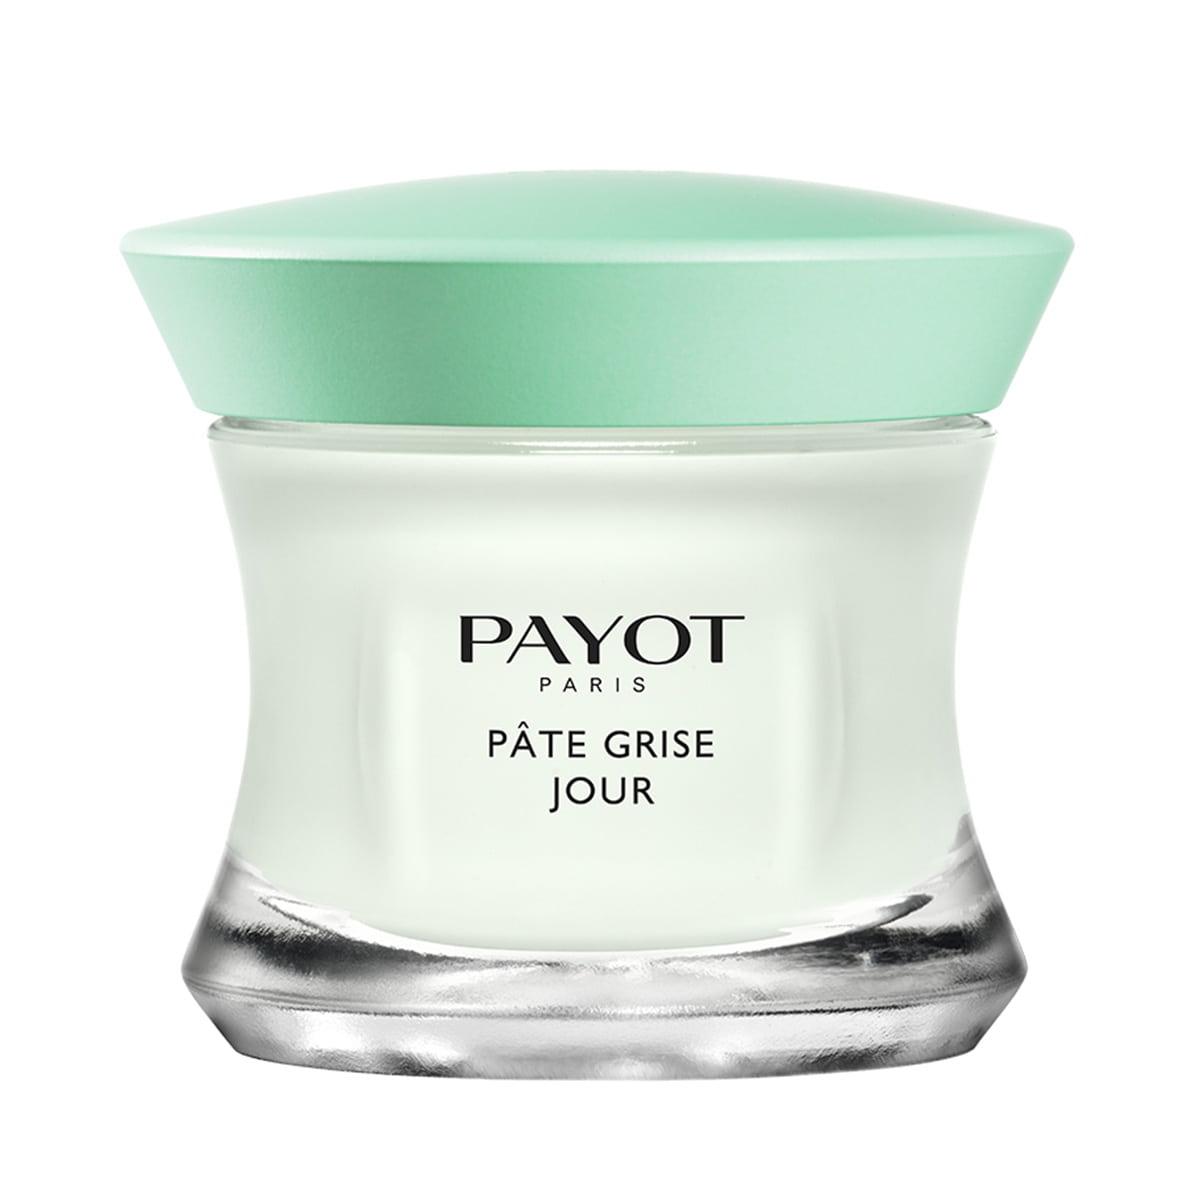 Payot - Pâte Grise Jour - Gel de beauté matifiant des boutonneuses